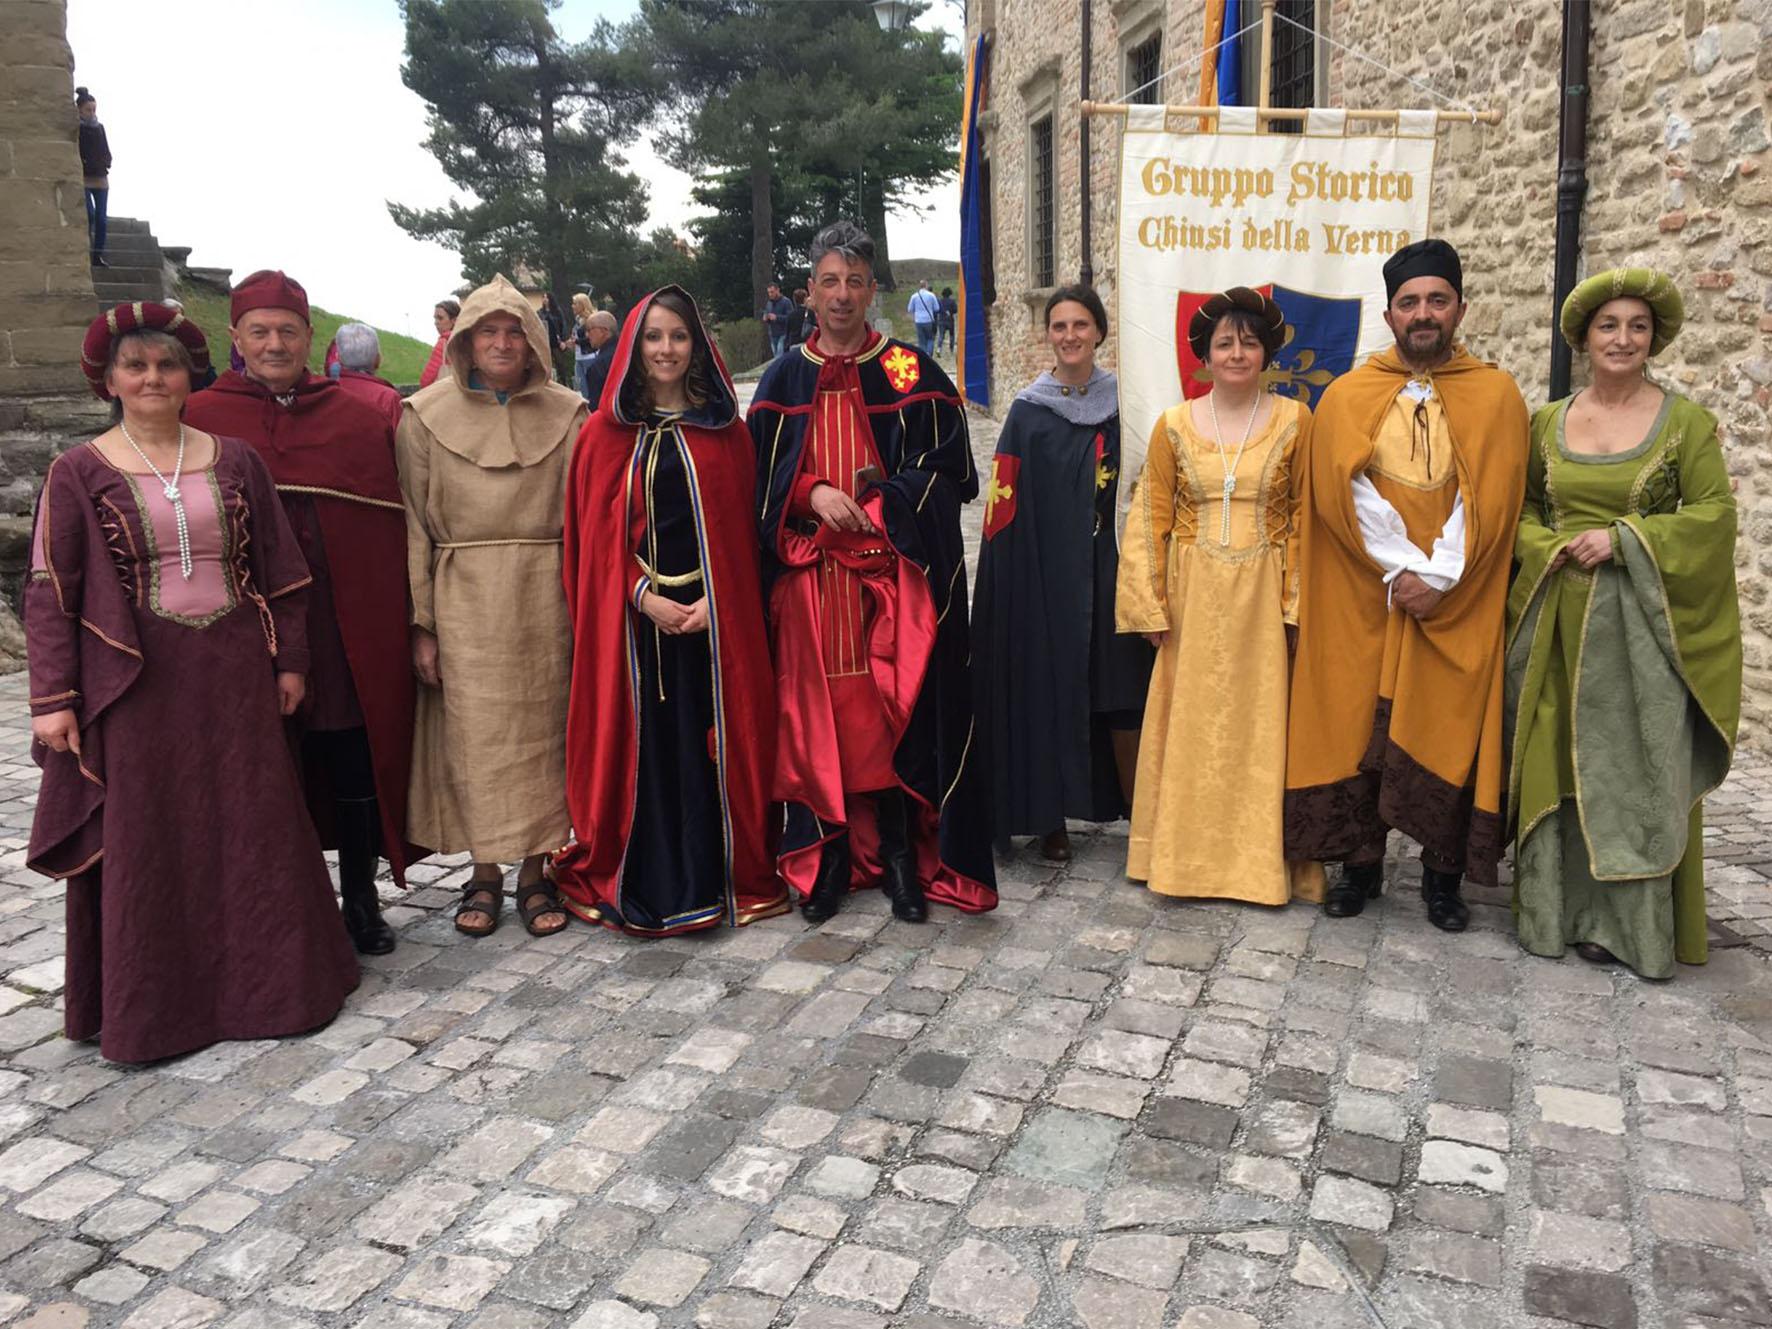 Il Gruppo Storico a San Leo (Rimini) per commemorare il passaggio di San Francesco d'Assisi